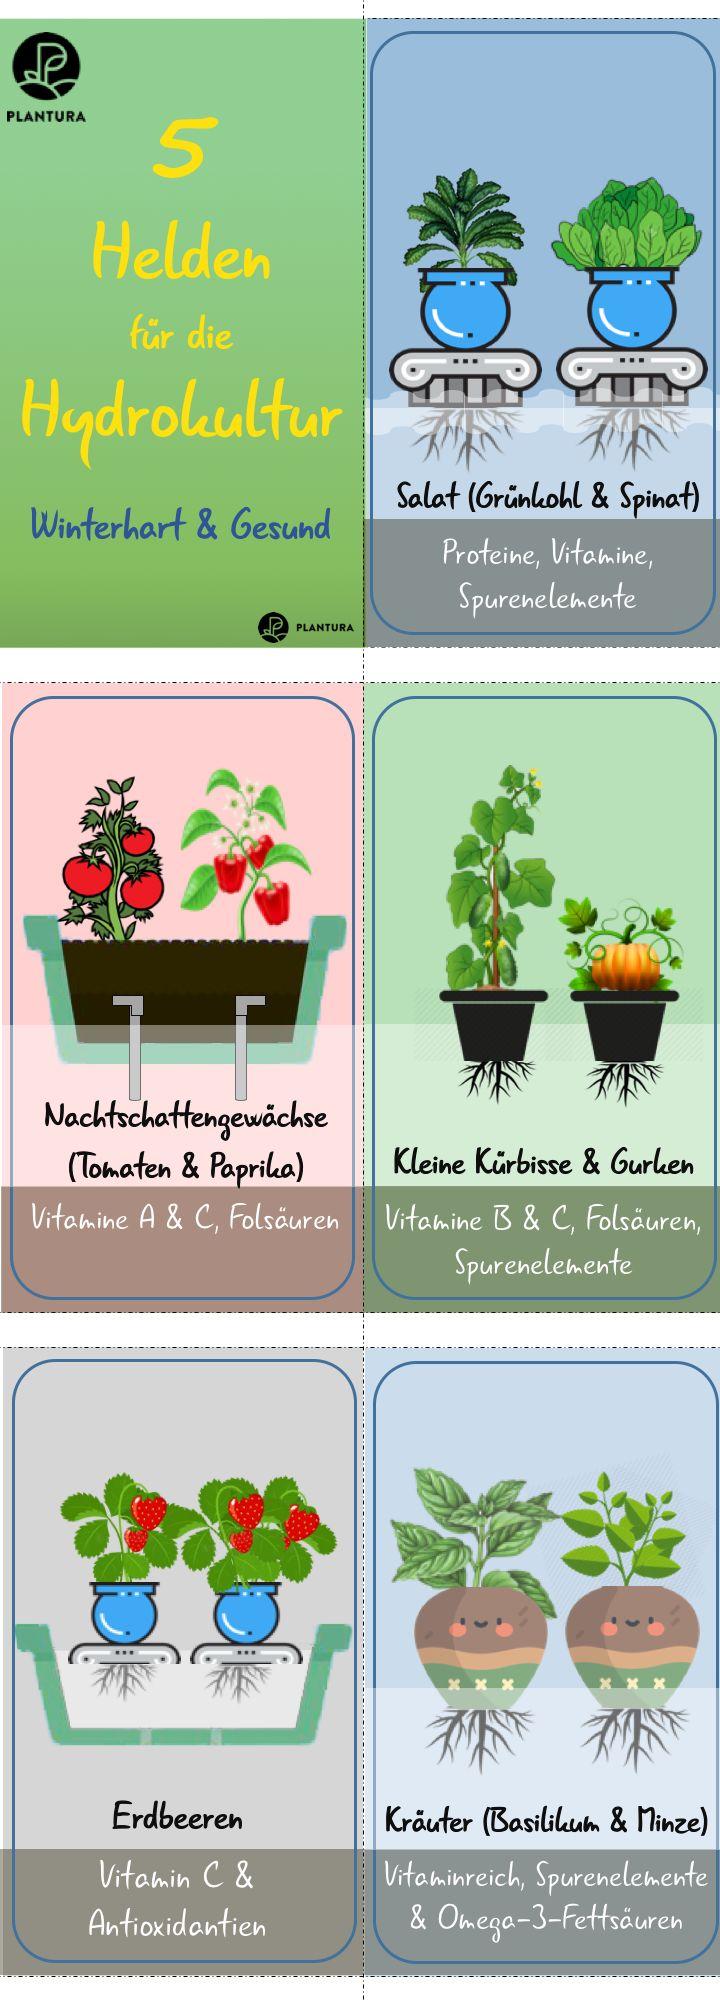 Kräuter in Wasser anbauen: Unsere Top 7 – Plantura | Garten Ideen & Tipps | Gemüse, Obst, Kräuter